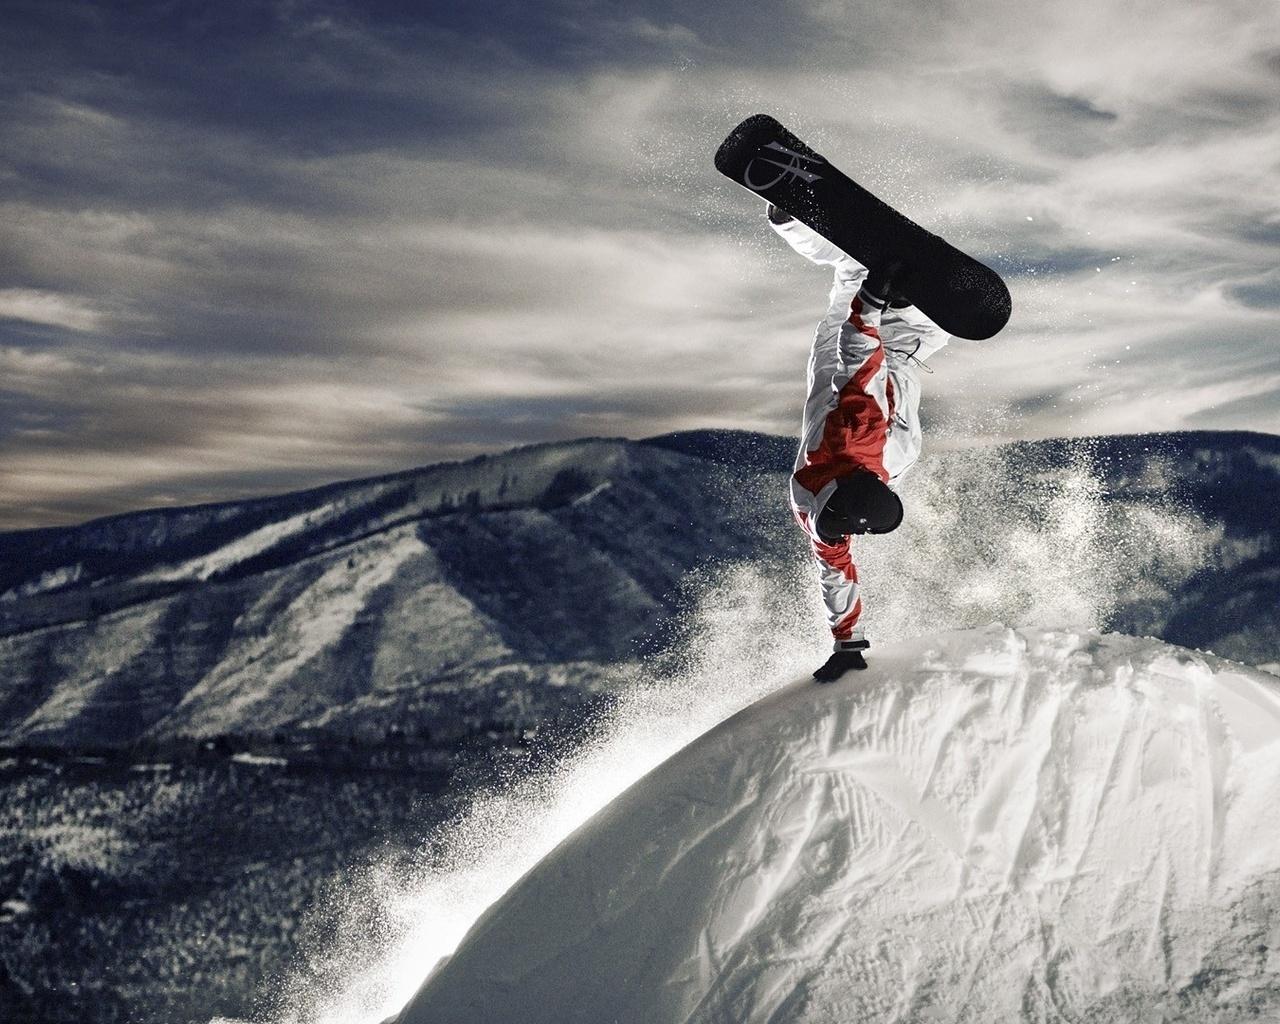 17526 скачать обои Спорт, Люди, Горы, Мужчины, Снег - заставки и картинки бесплатно